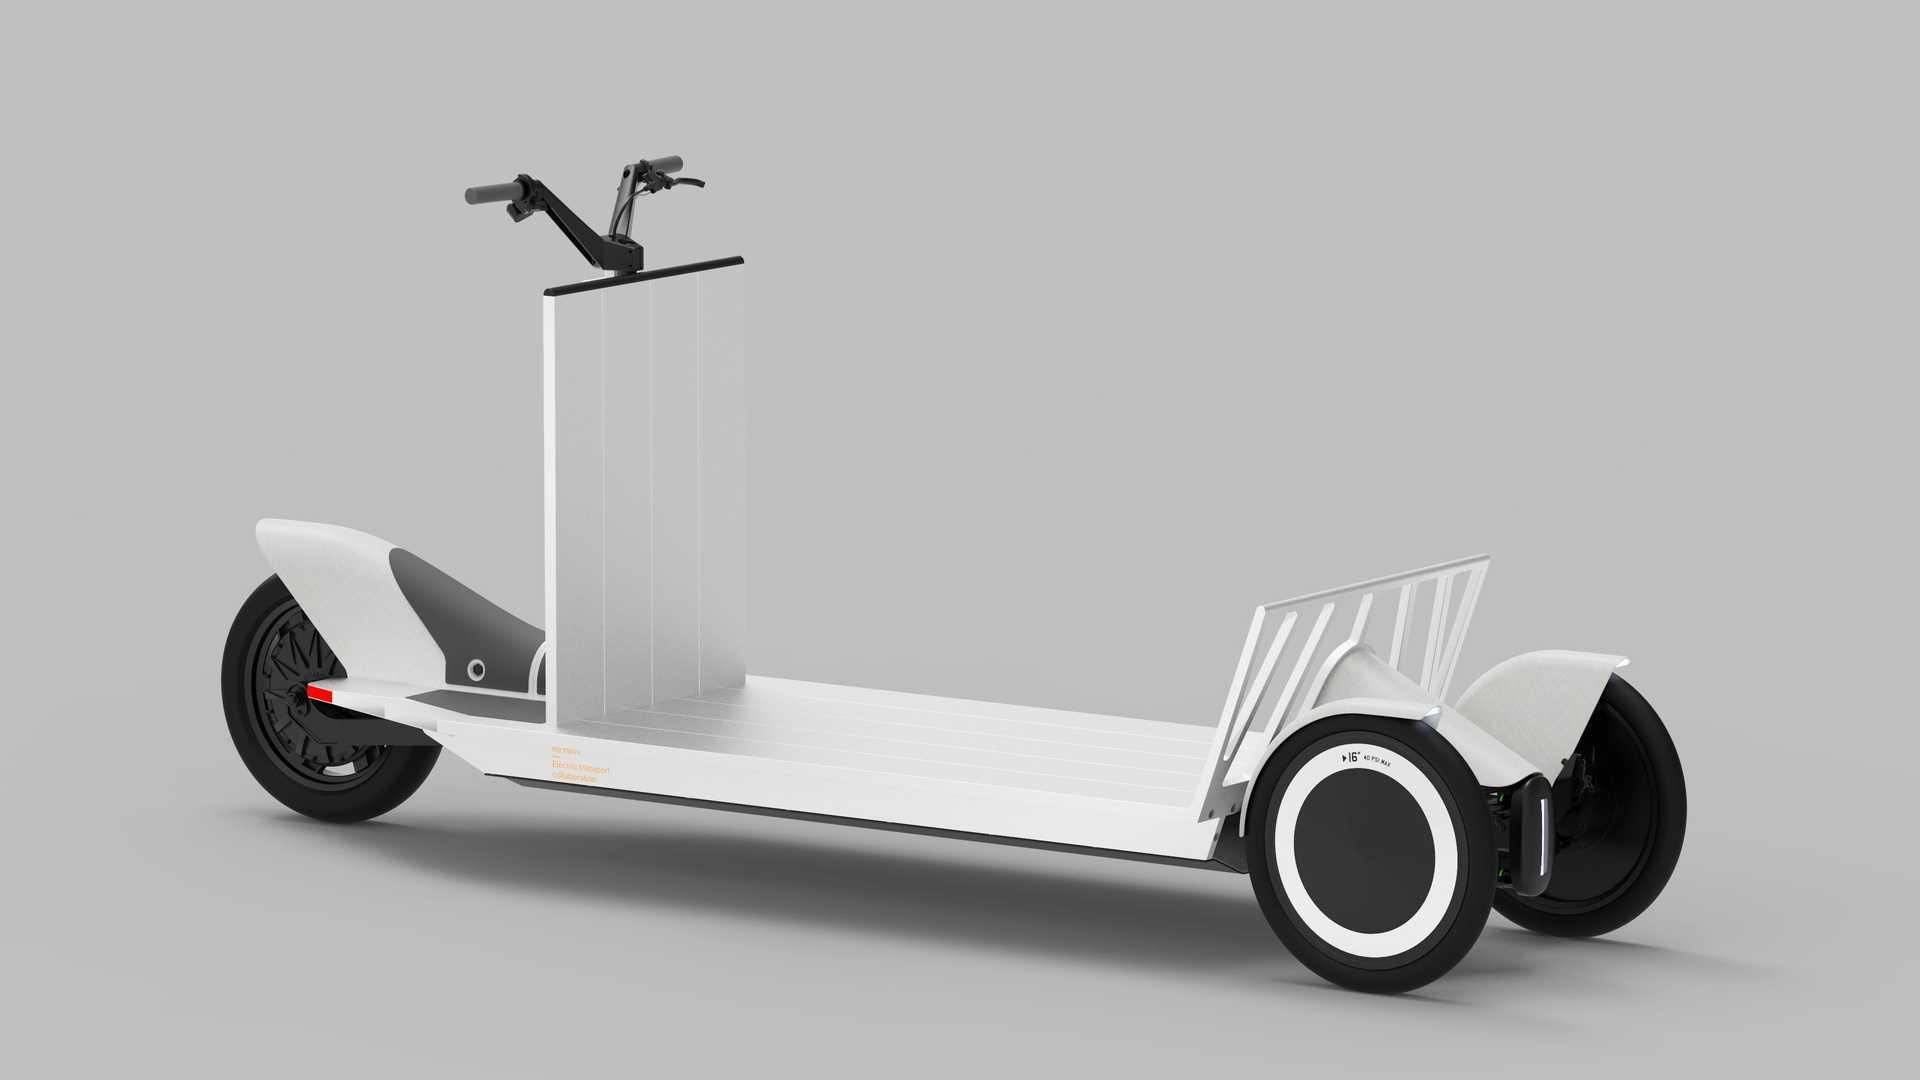 Ηλεκτρικό Scooter Polestar